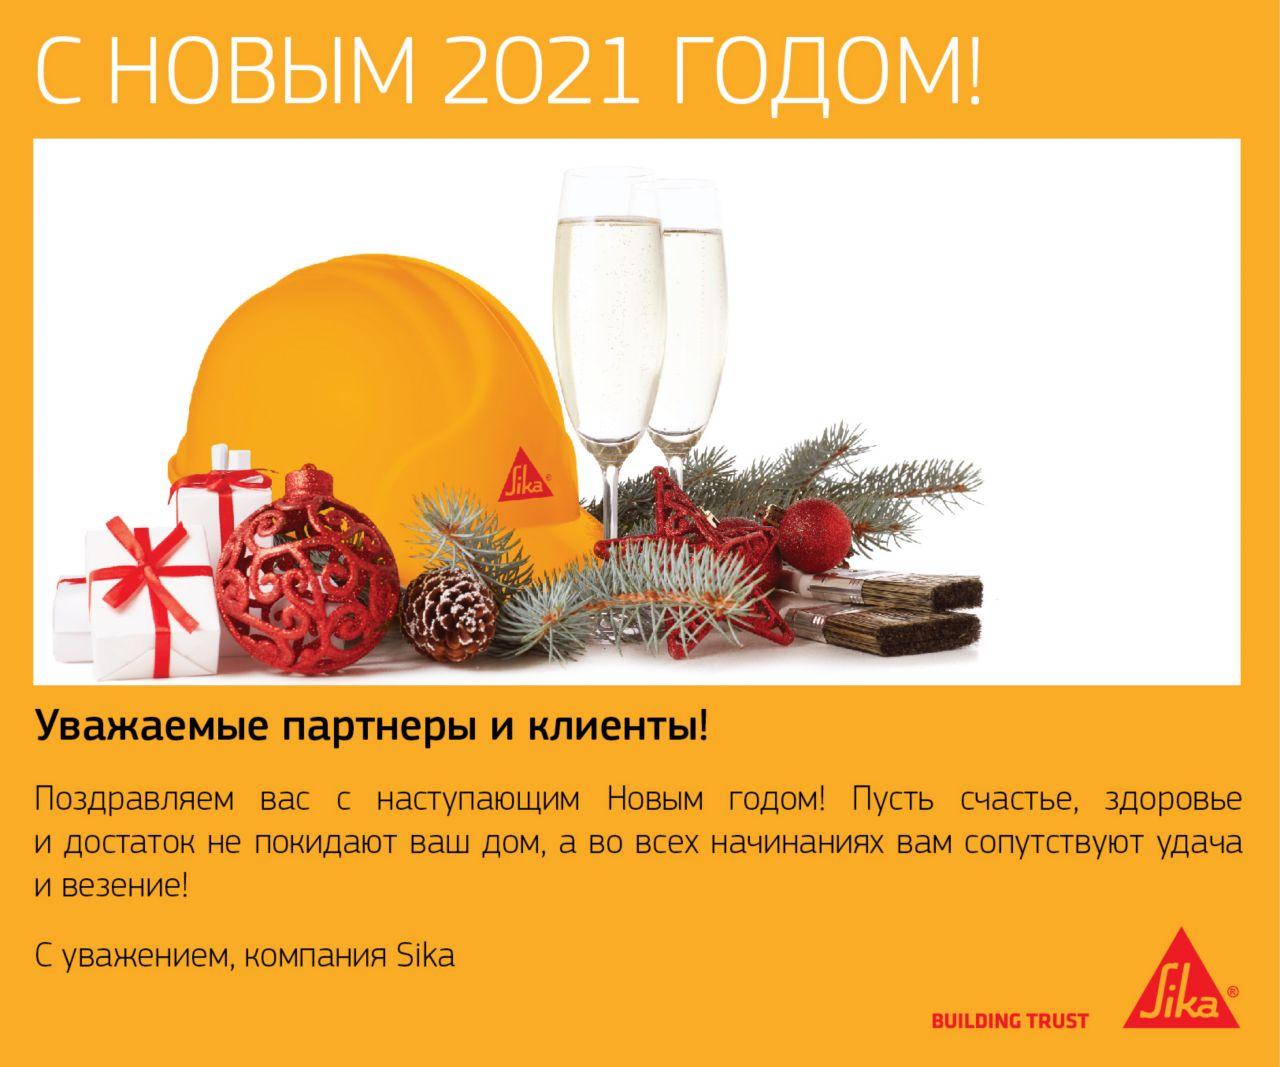 Поздравляем вас с Новым 2021 годом